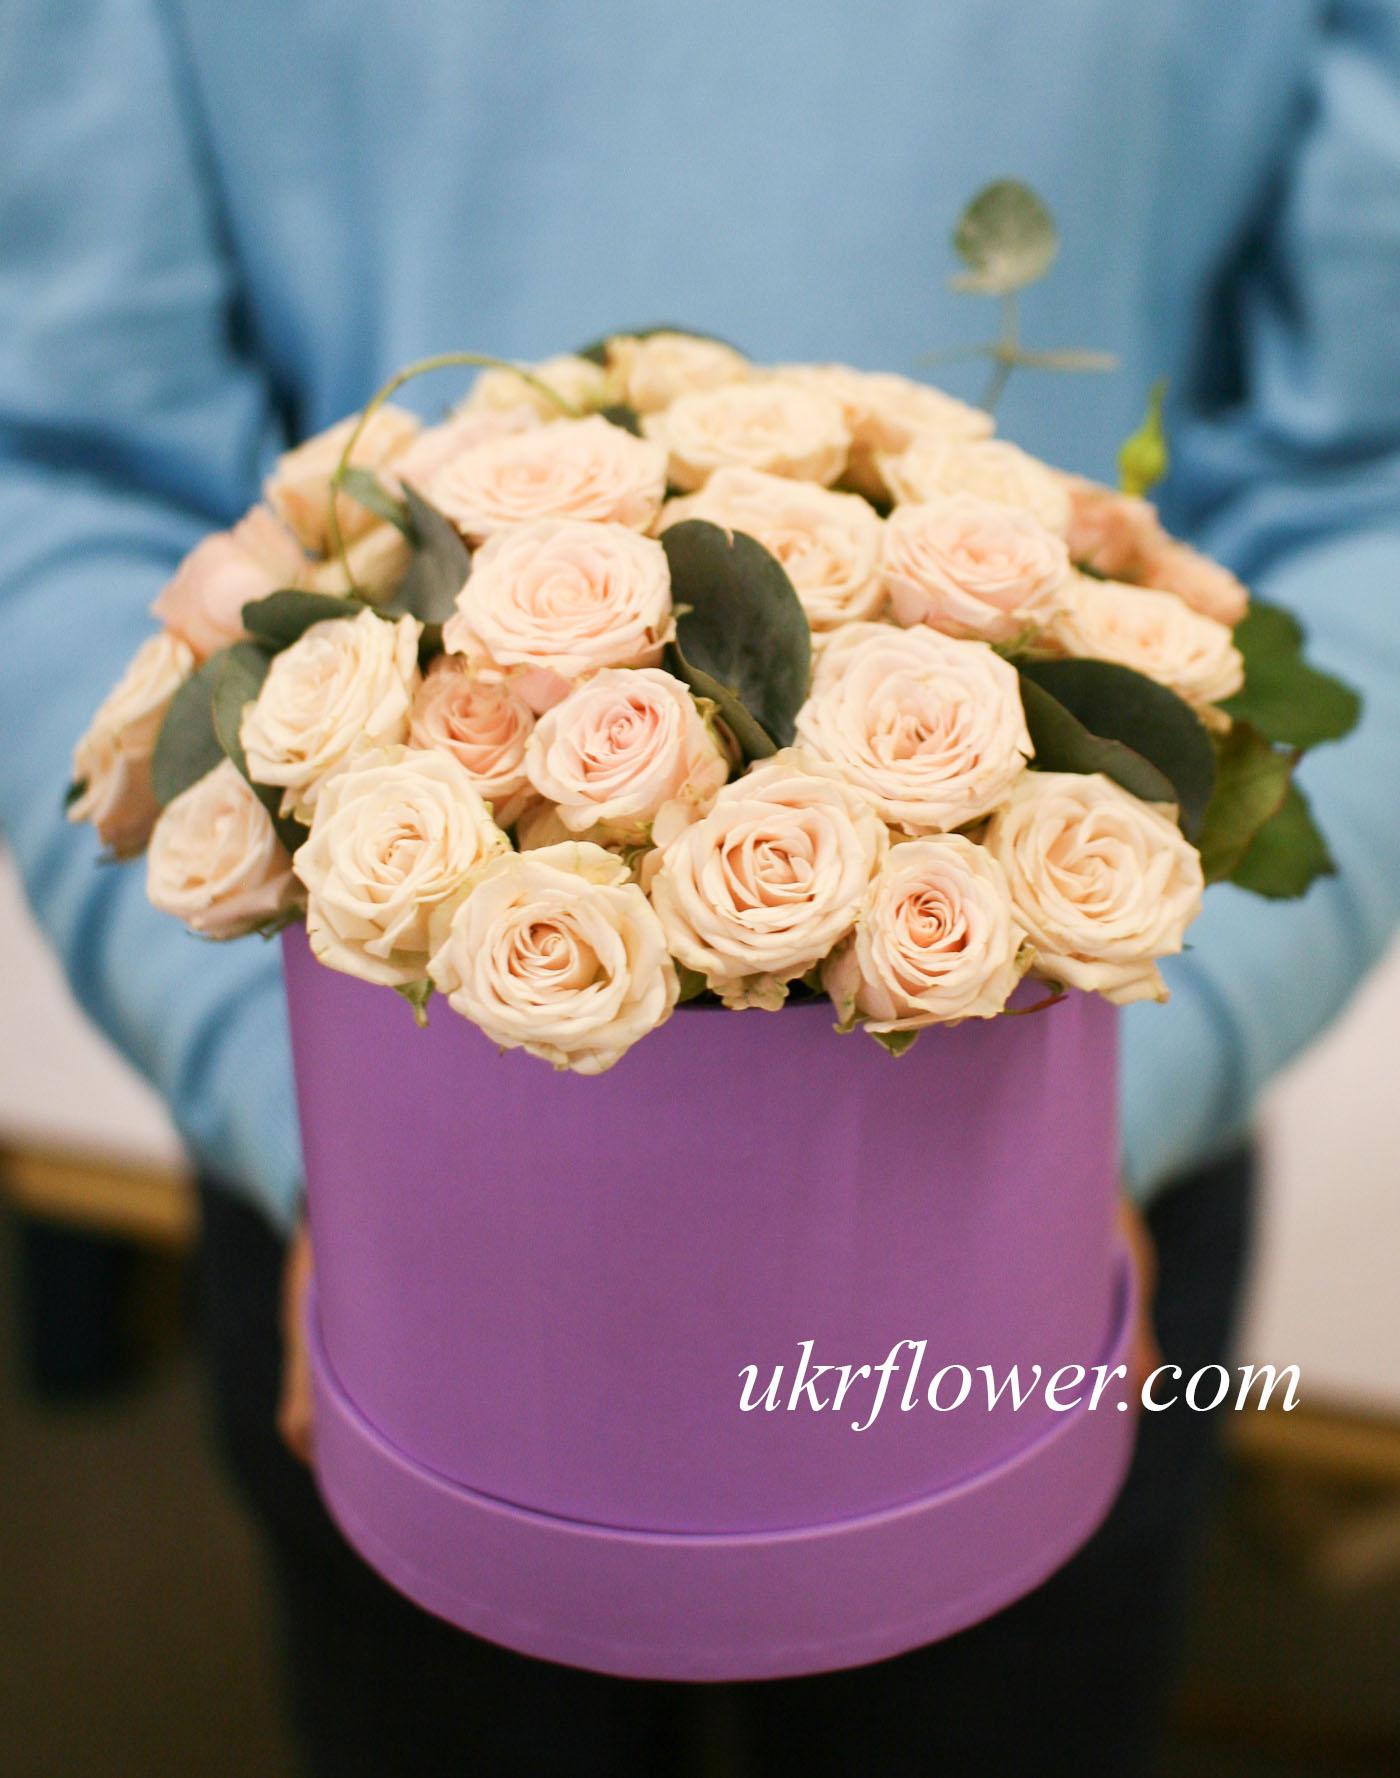 Spray roses in the box ukrflower flower delivery kiev ukraine spray roses in the box izmirmasajfo